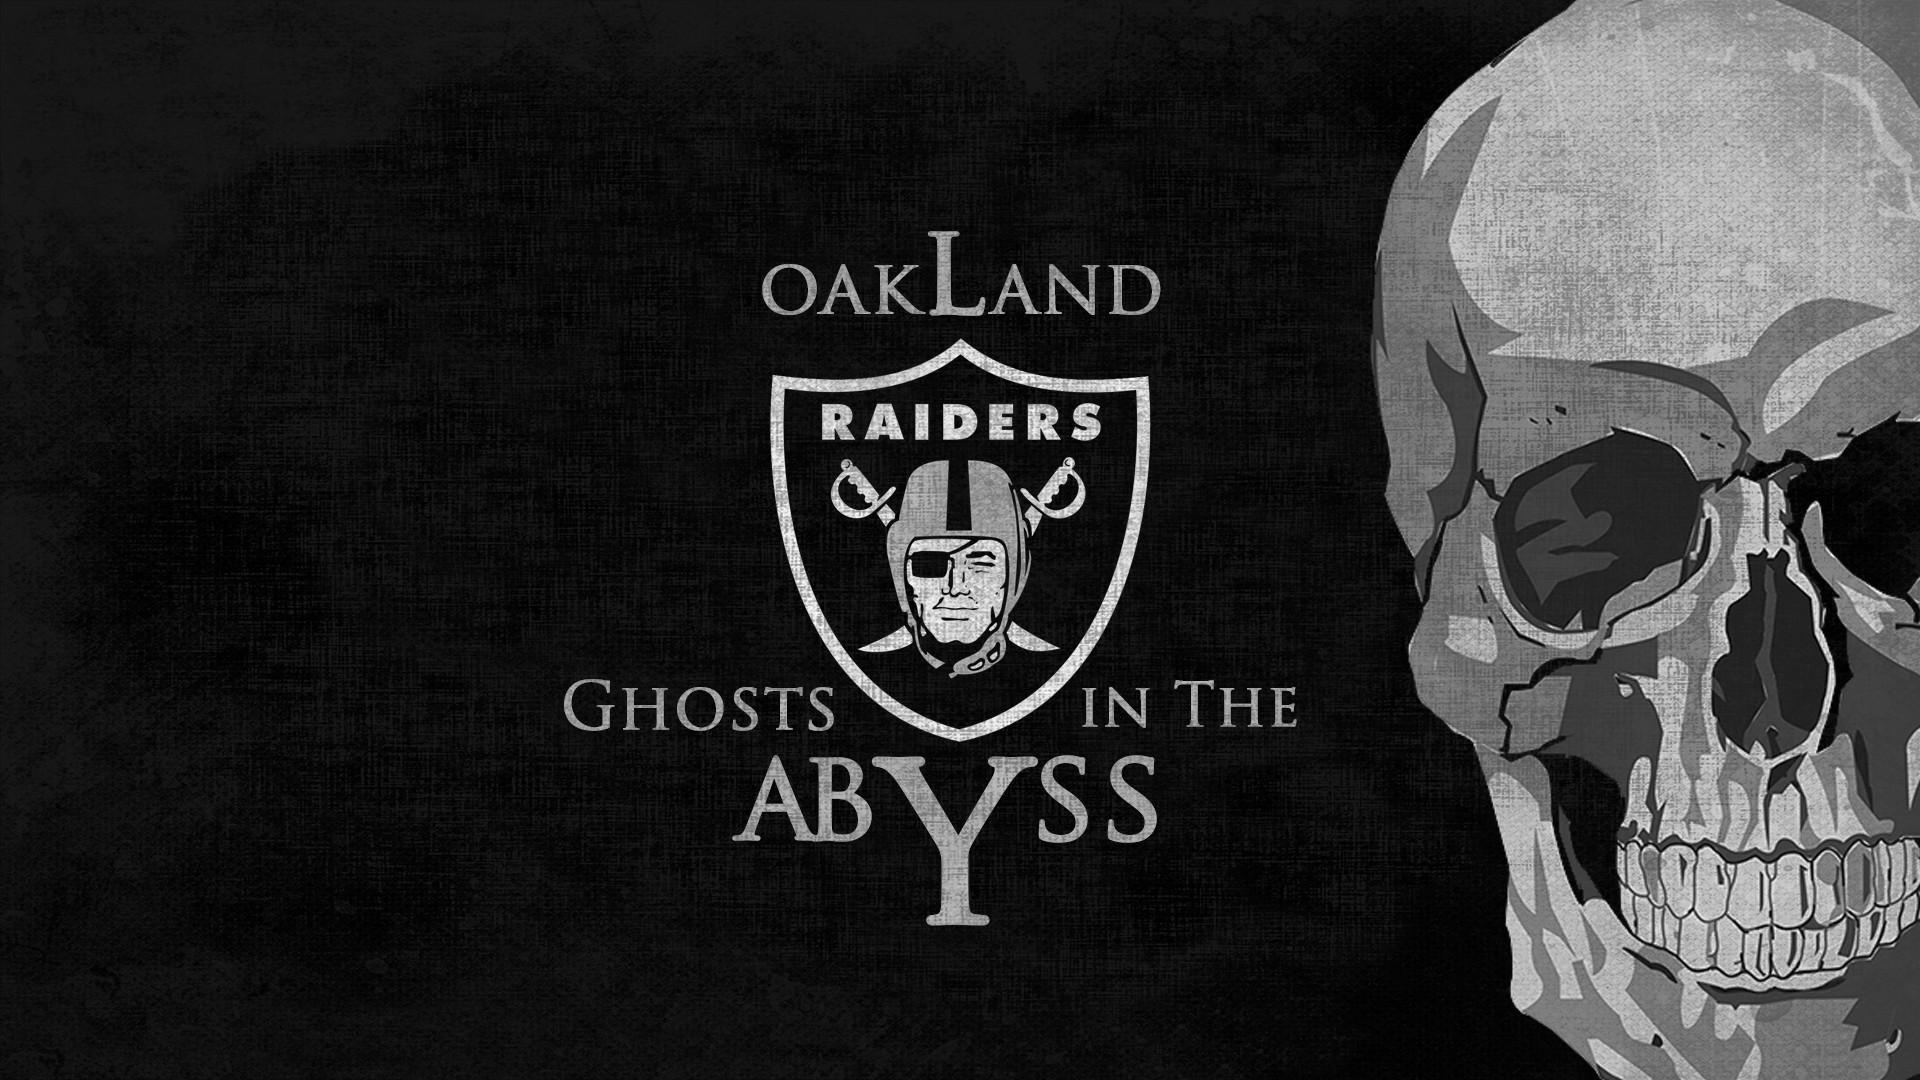 OAKLAND RAIDERS nfl football dark skull wallpaper background 1920x1080